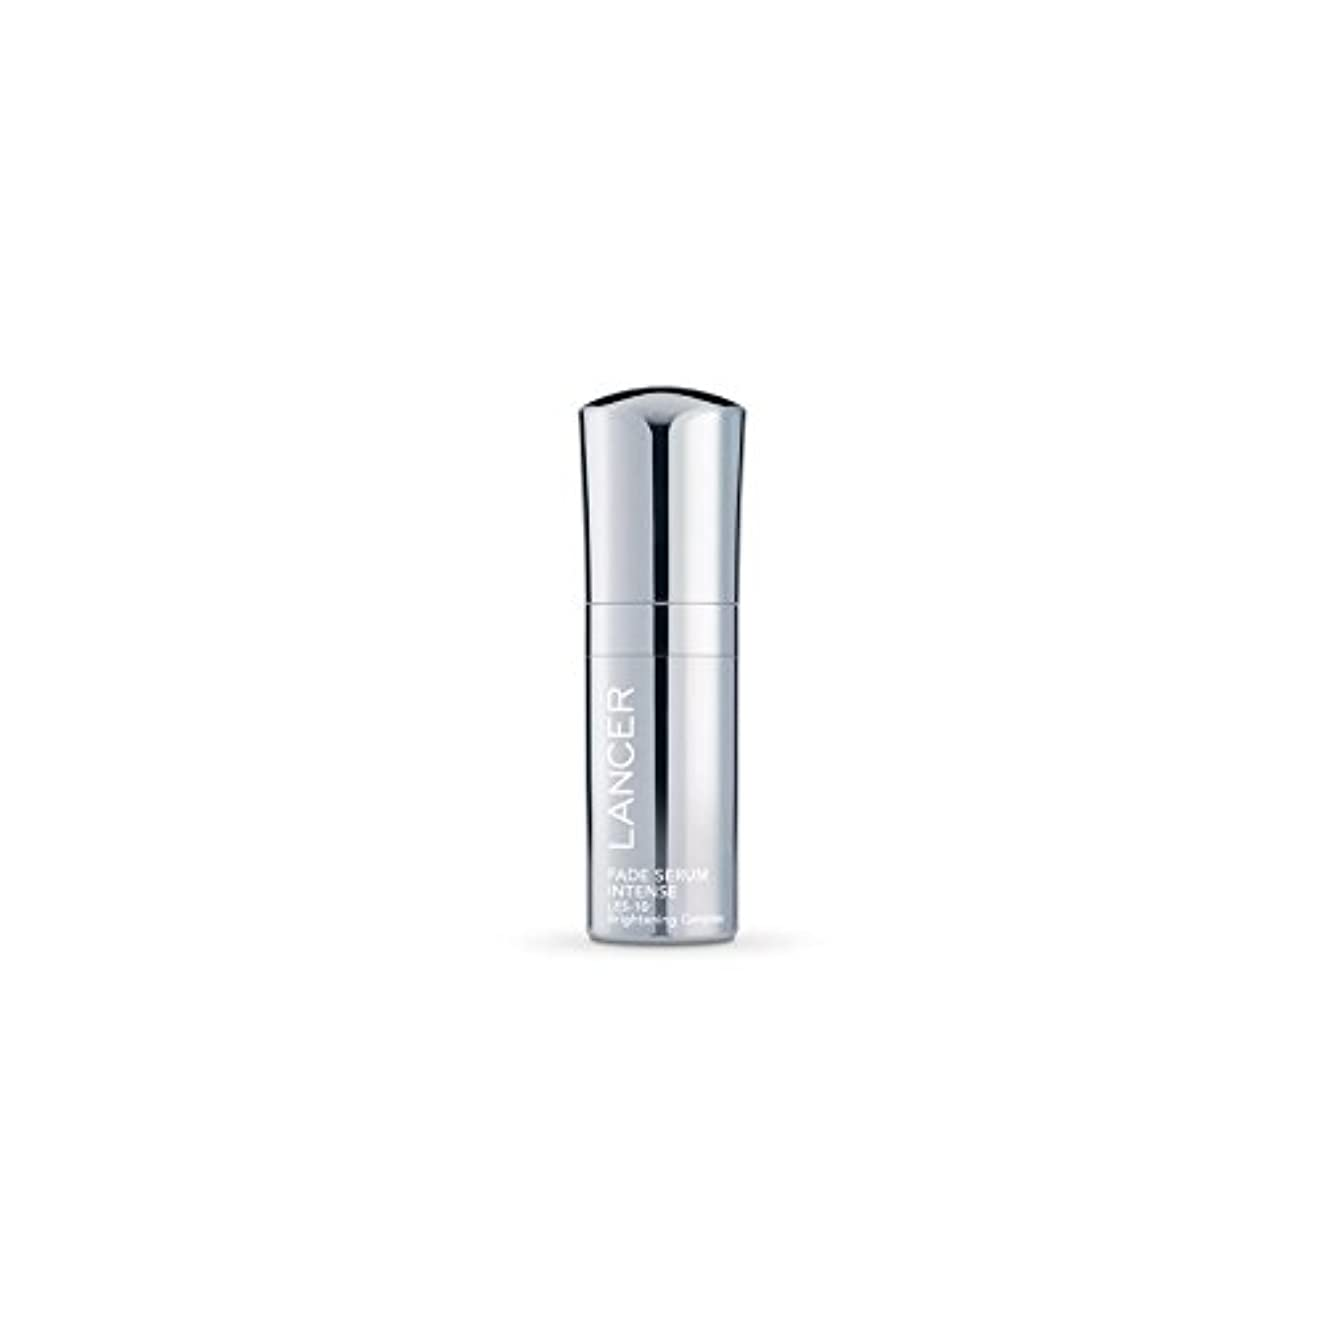 スタッフ筋信頼性のある強烈ランサースキンケアフェード血清(30ミリリットル) x4 - Lancer Skincare Fade Serum Intense (30ml) (Pack of 4) [並行輸入品]